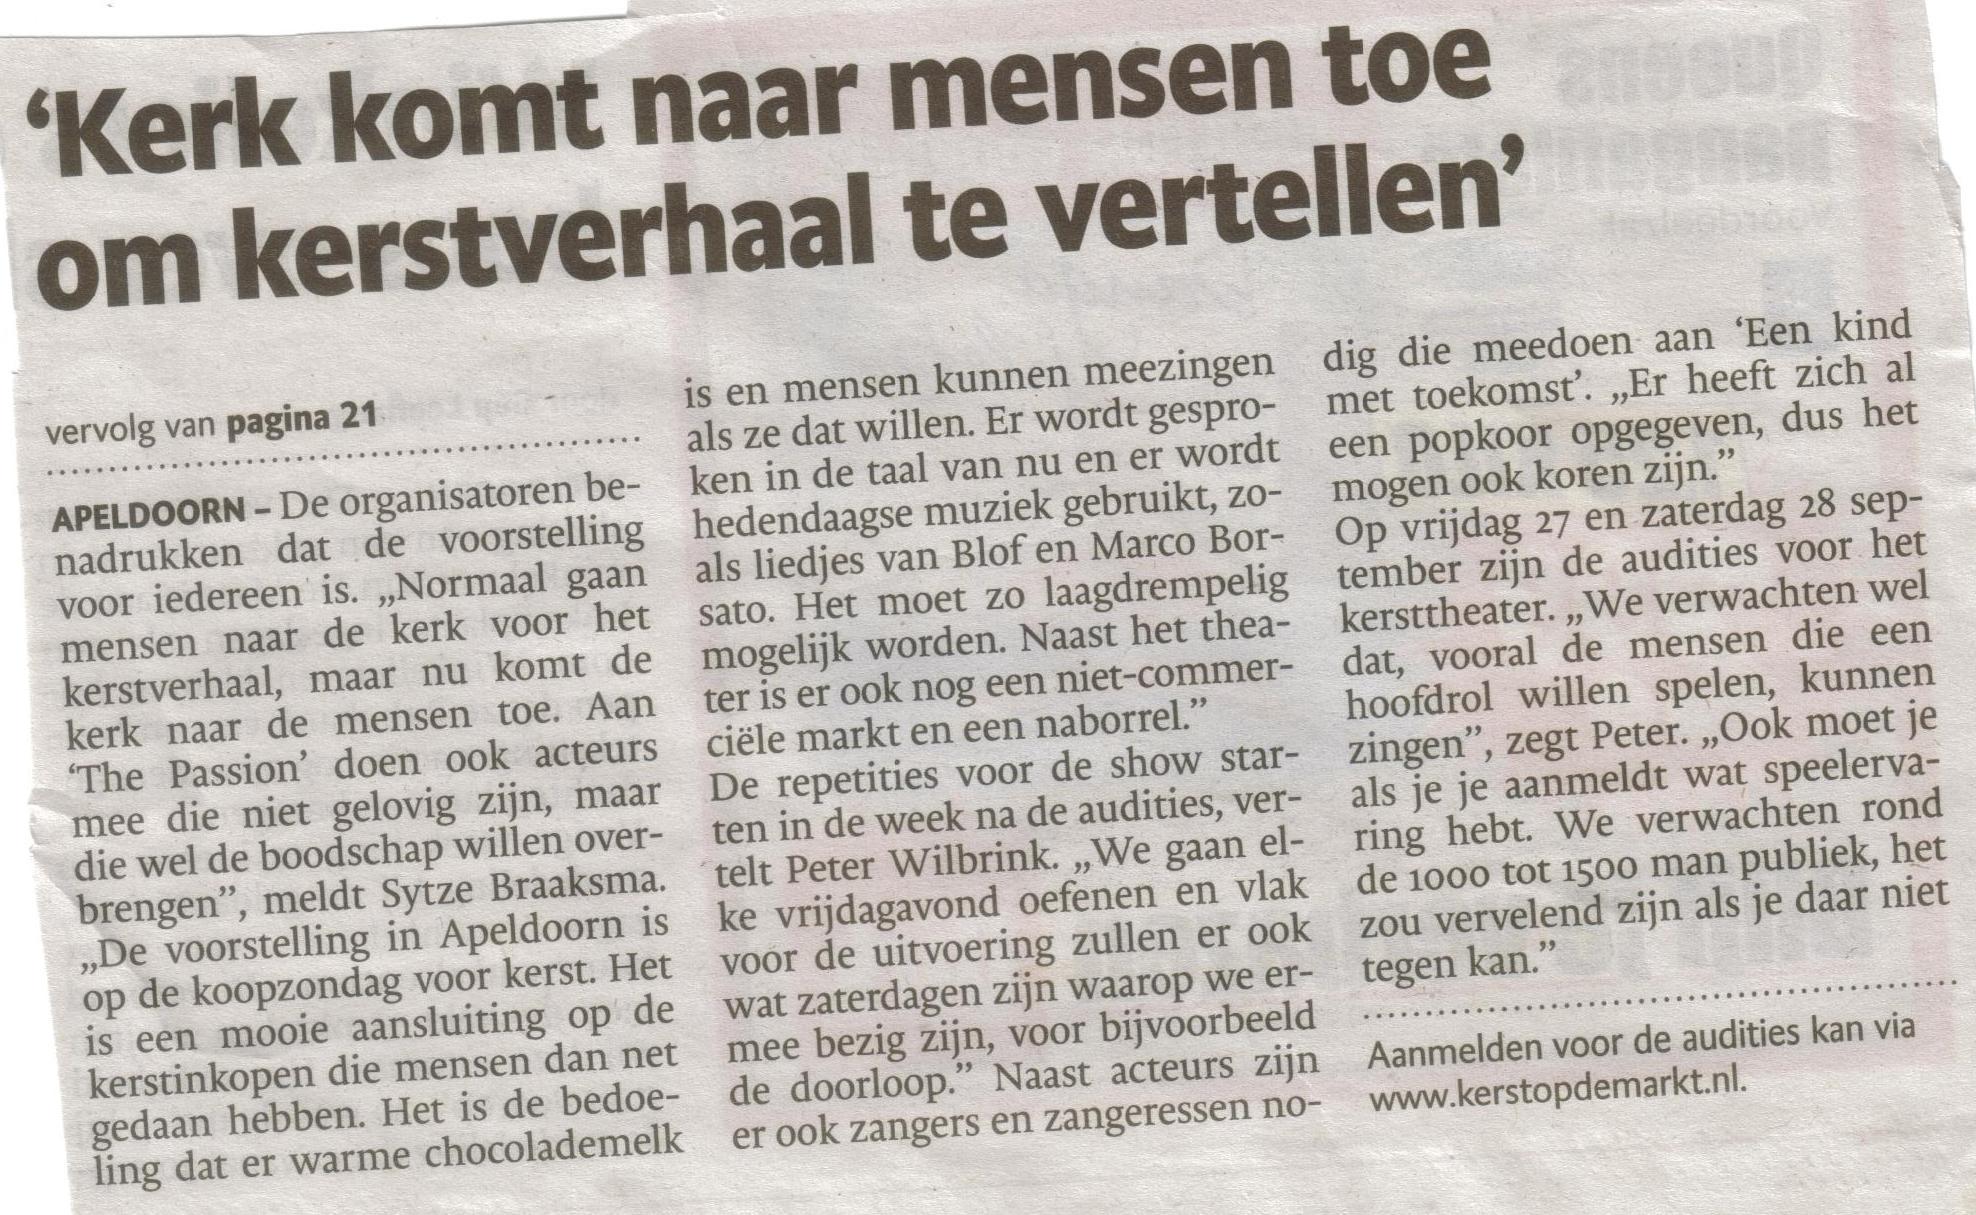 Bron: De Stentor Apeldoorn 11 september 2013